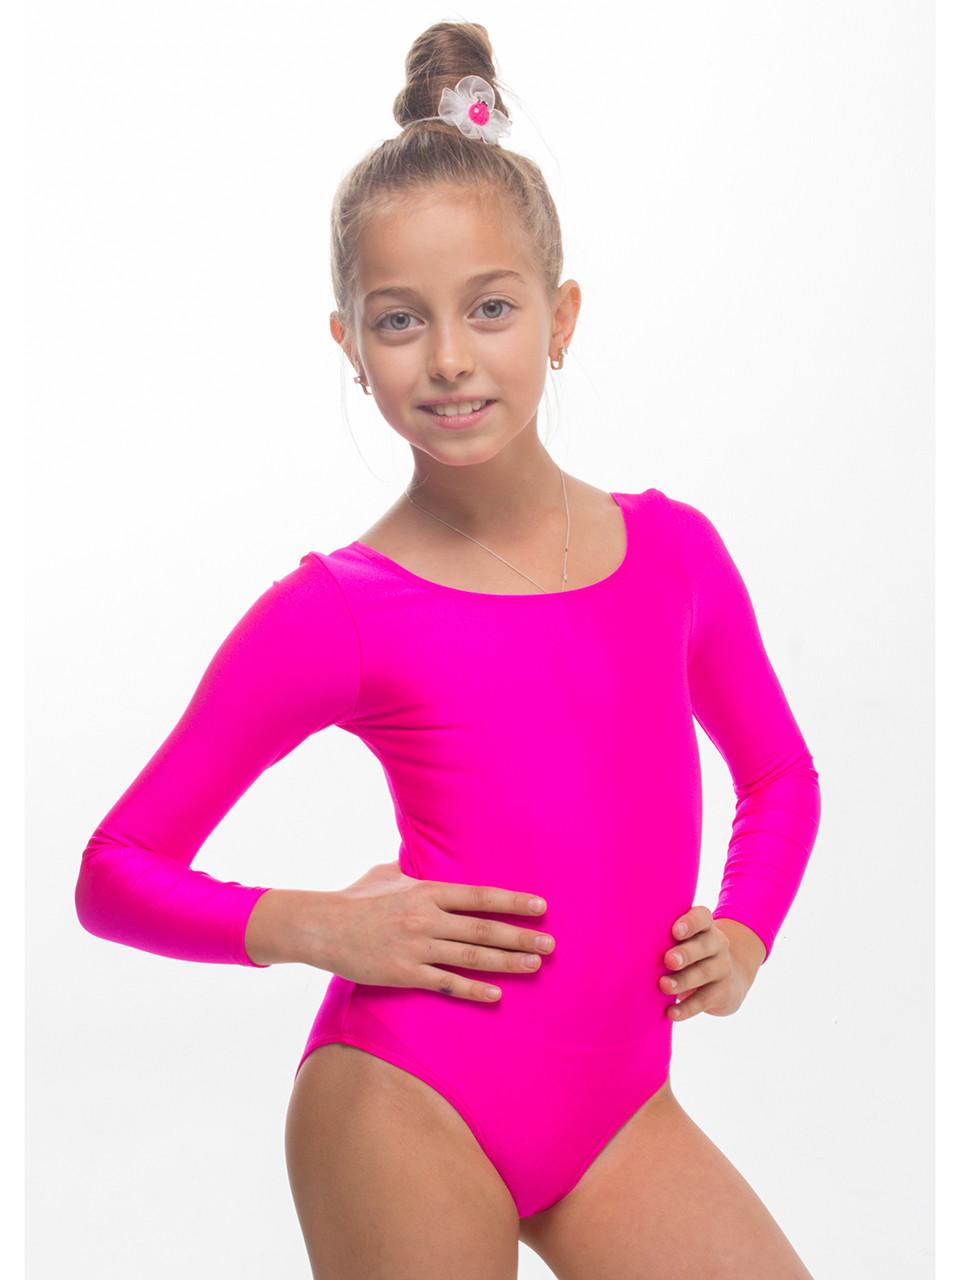 d76a91e7a9fab Купальник для гимнастики и танцев МАЛИНОВЫЙ р-р L, XL - Интернет-магазин